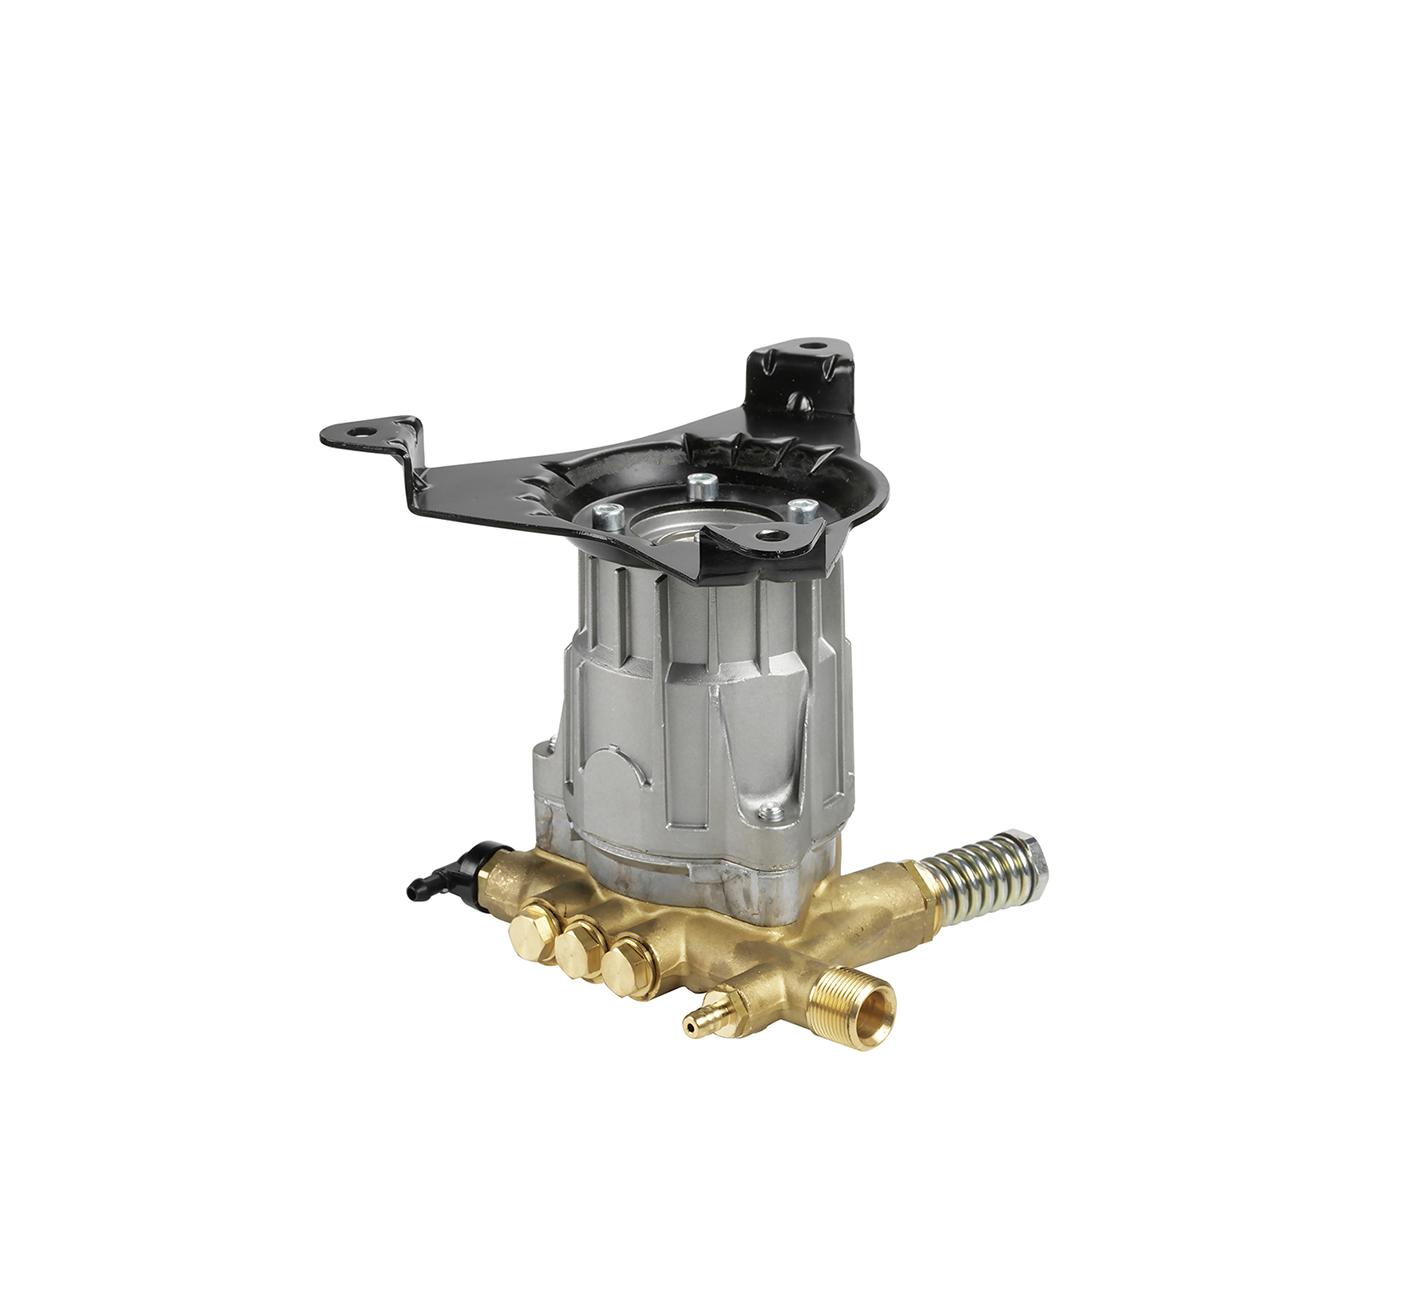 VRX - V 7-8 Comet Industrial Pumps